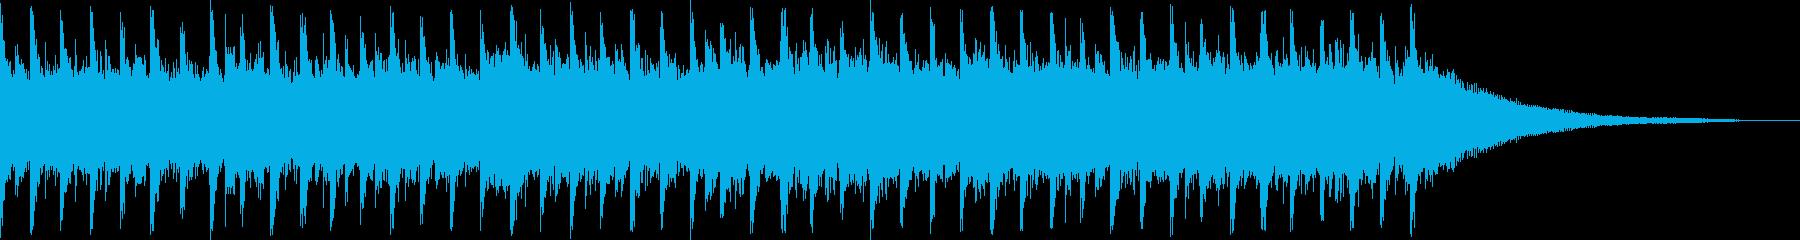 企業VP,コーポレート,ポジティブ30秒の再生済みの波形